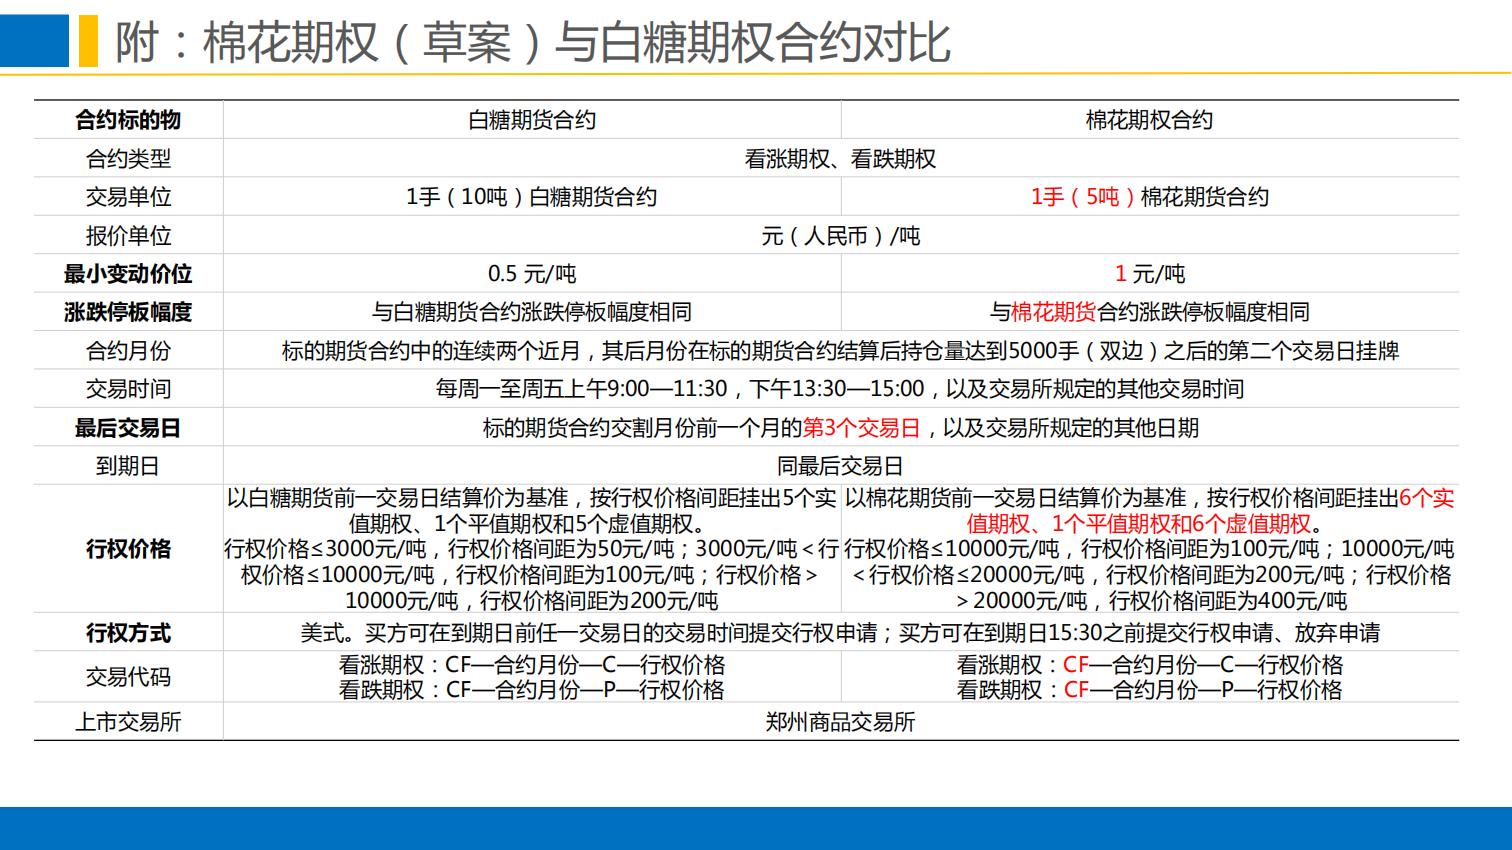 晨会:郑商所培训分享-棉花期权合约规则与上市工作安排0111.pdfx_29.png